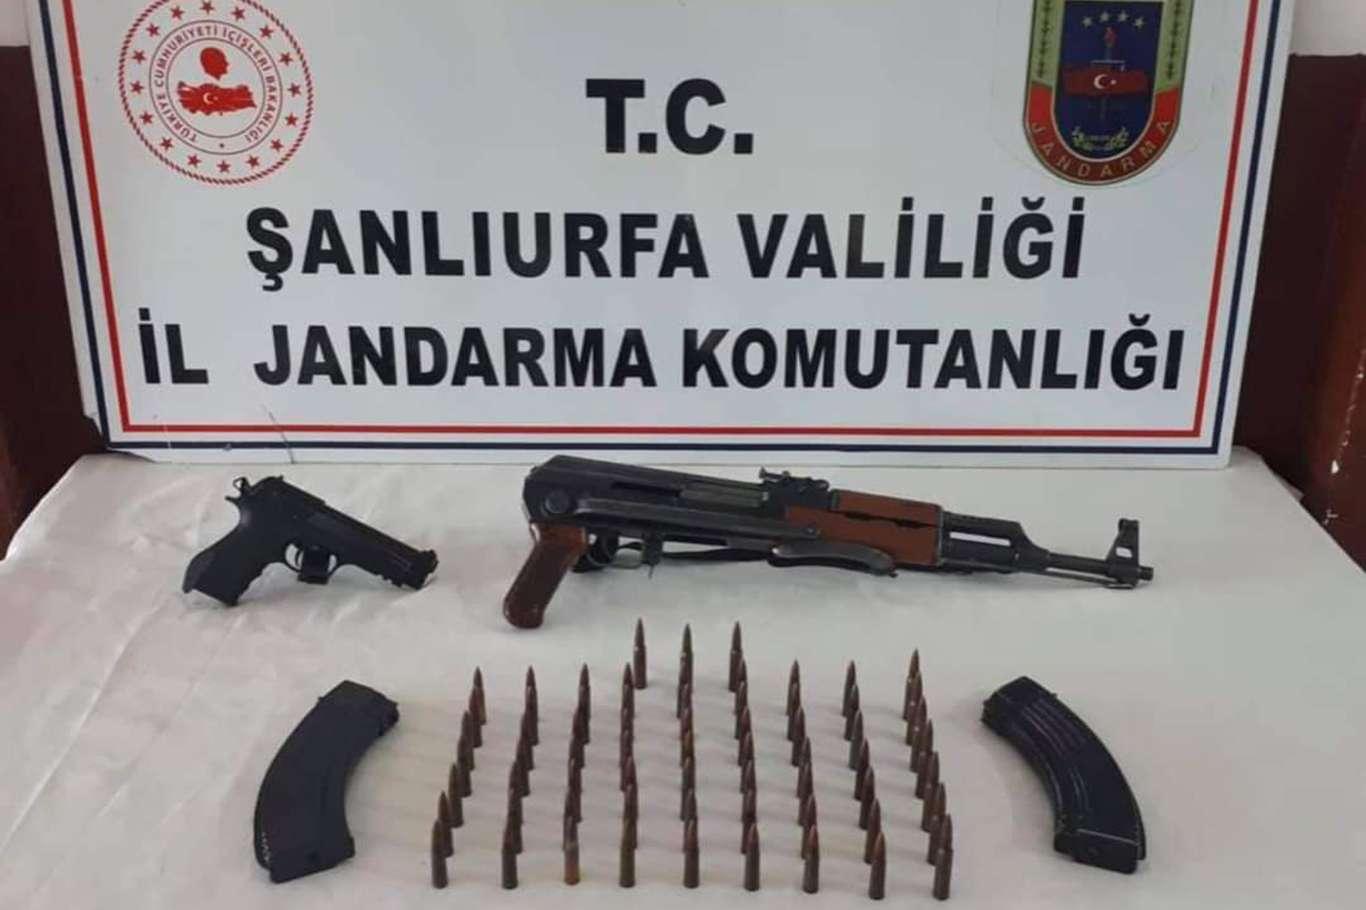 Viranşehirde silah kaçakçılarına operasyon: 1 gözaltı